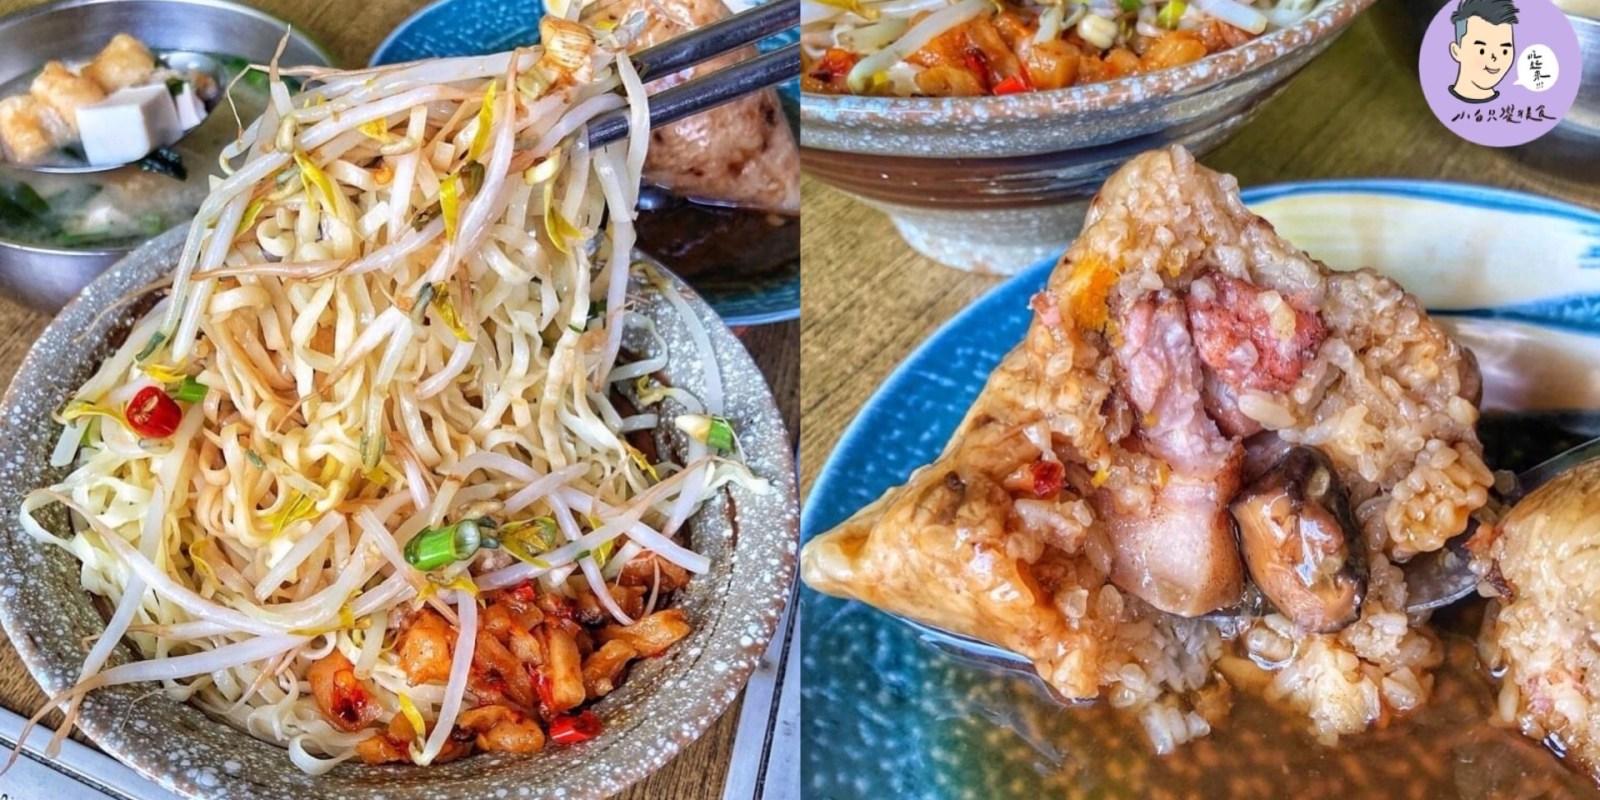 【台南美食】吳家肉粽 崑山隱藏版銅板小吃!肉粽一顆35元便宜好吃 豆菜麵也別錯過